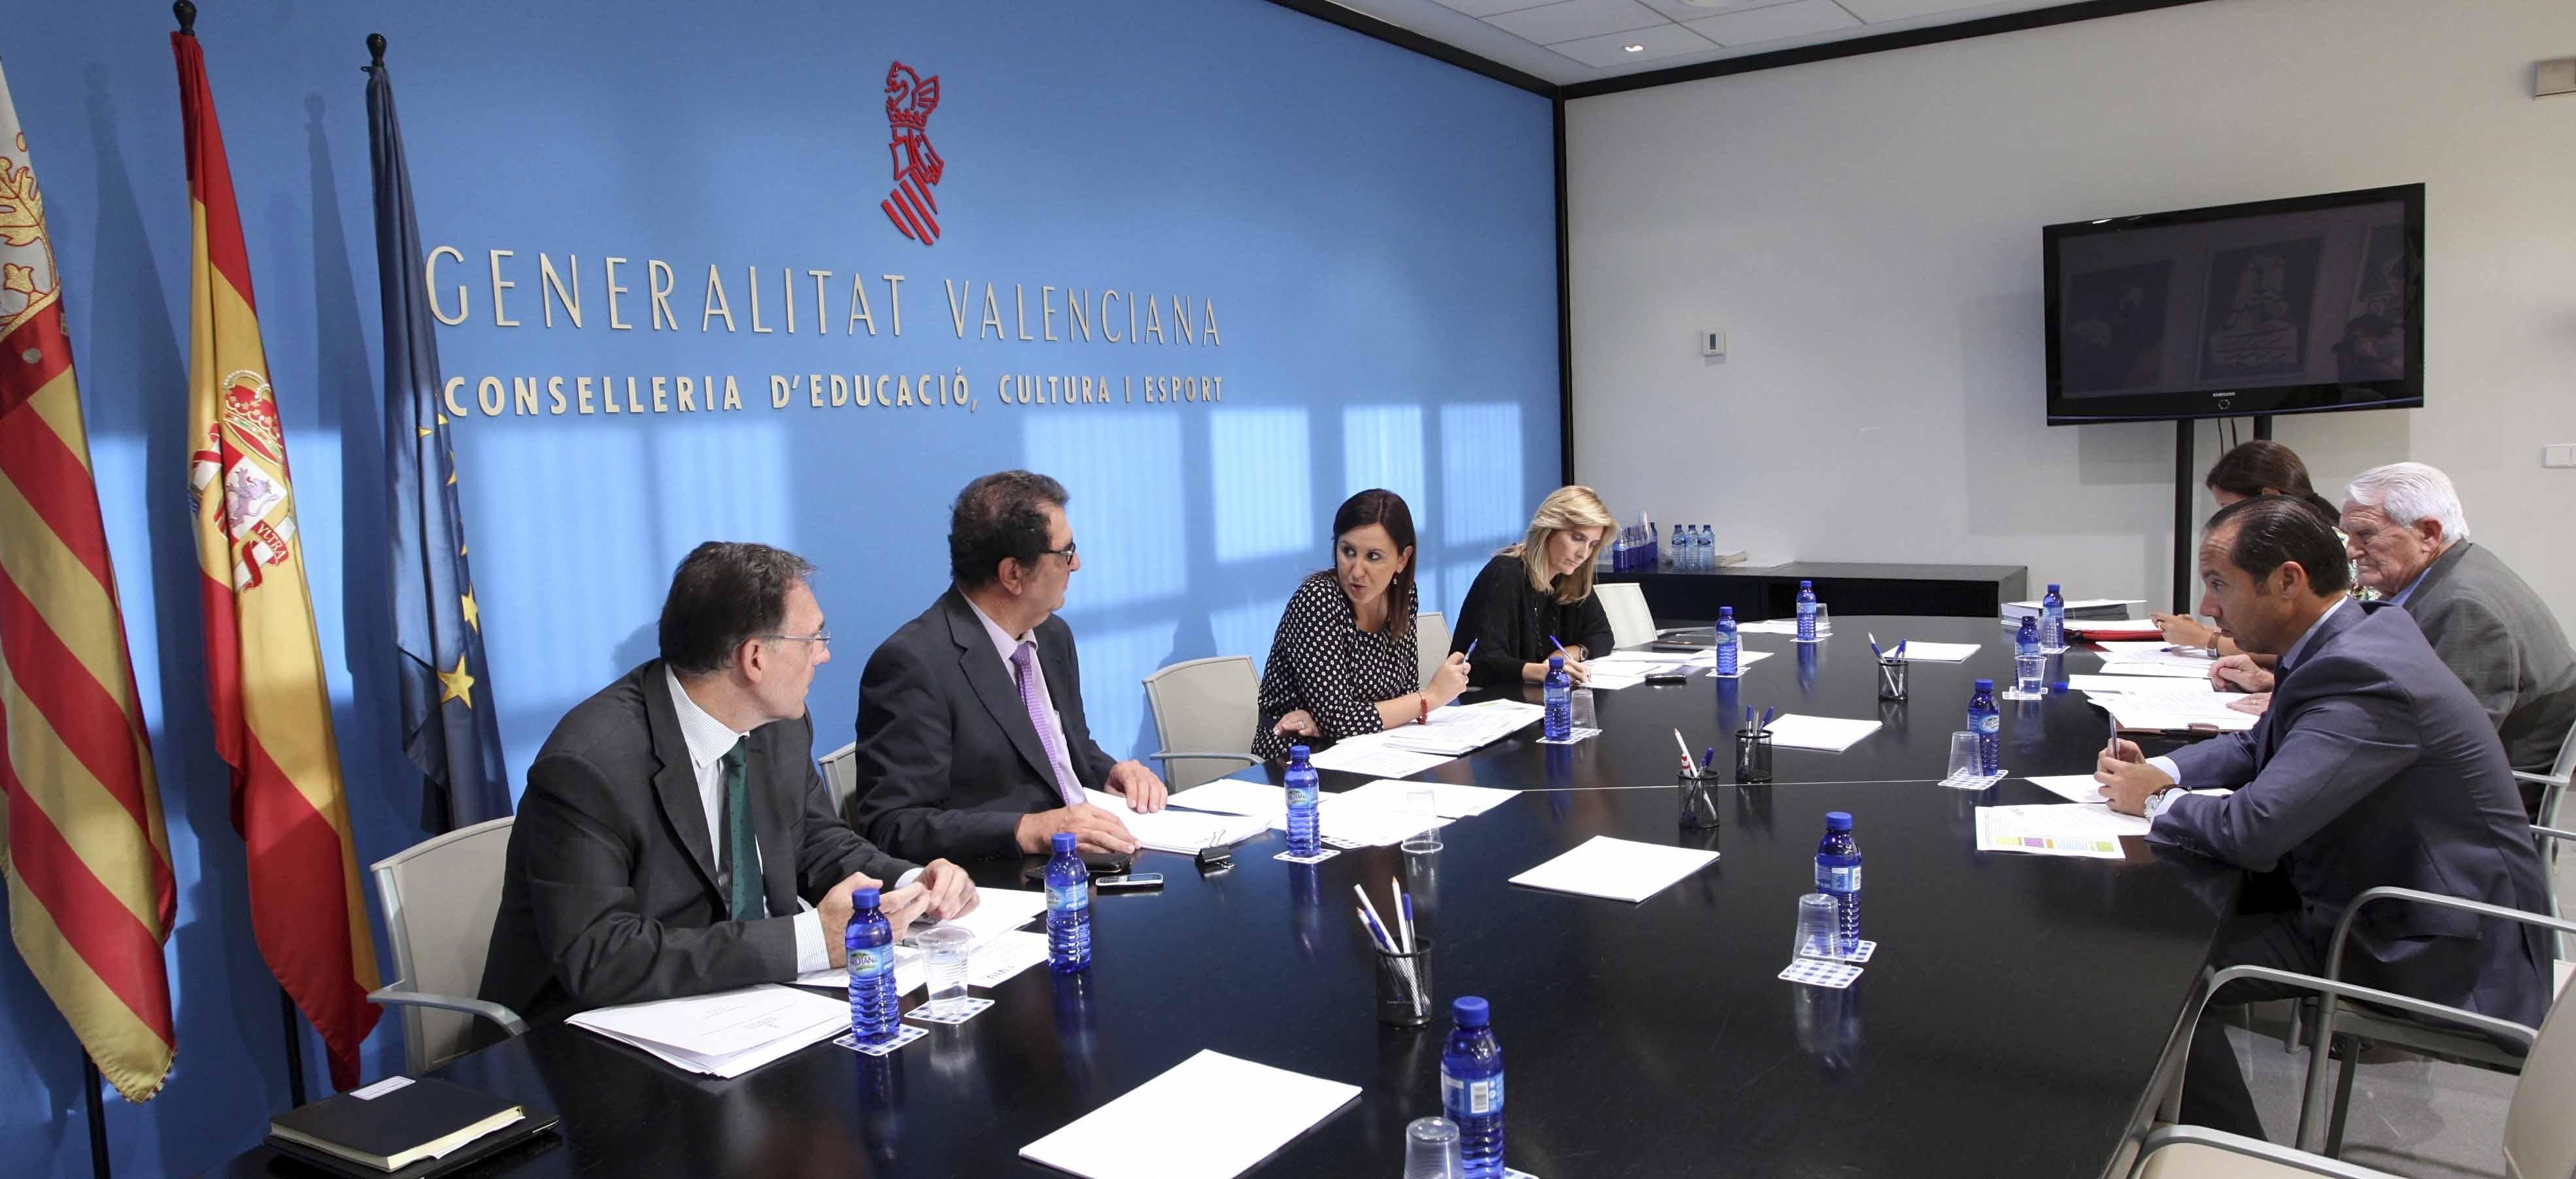 La Universidad Internacional de Valencia aprueba la entrada de Planeta y la constitución de una sociedad limitada